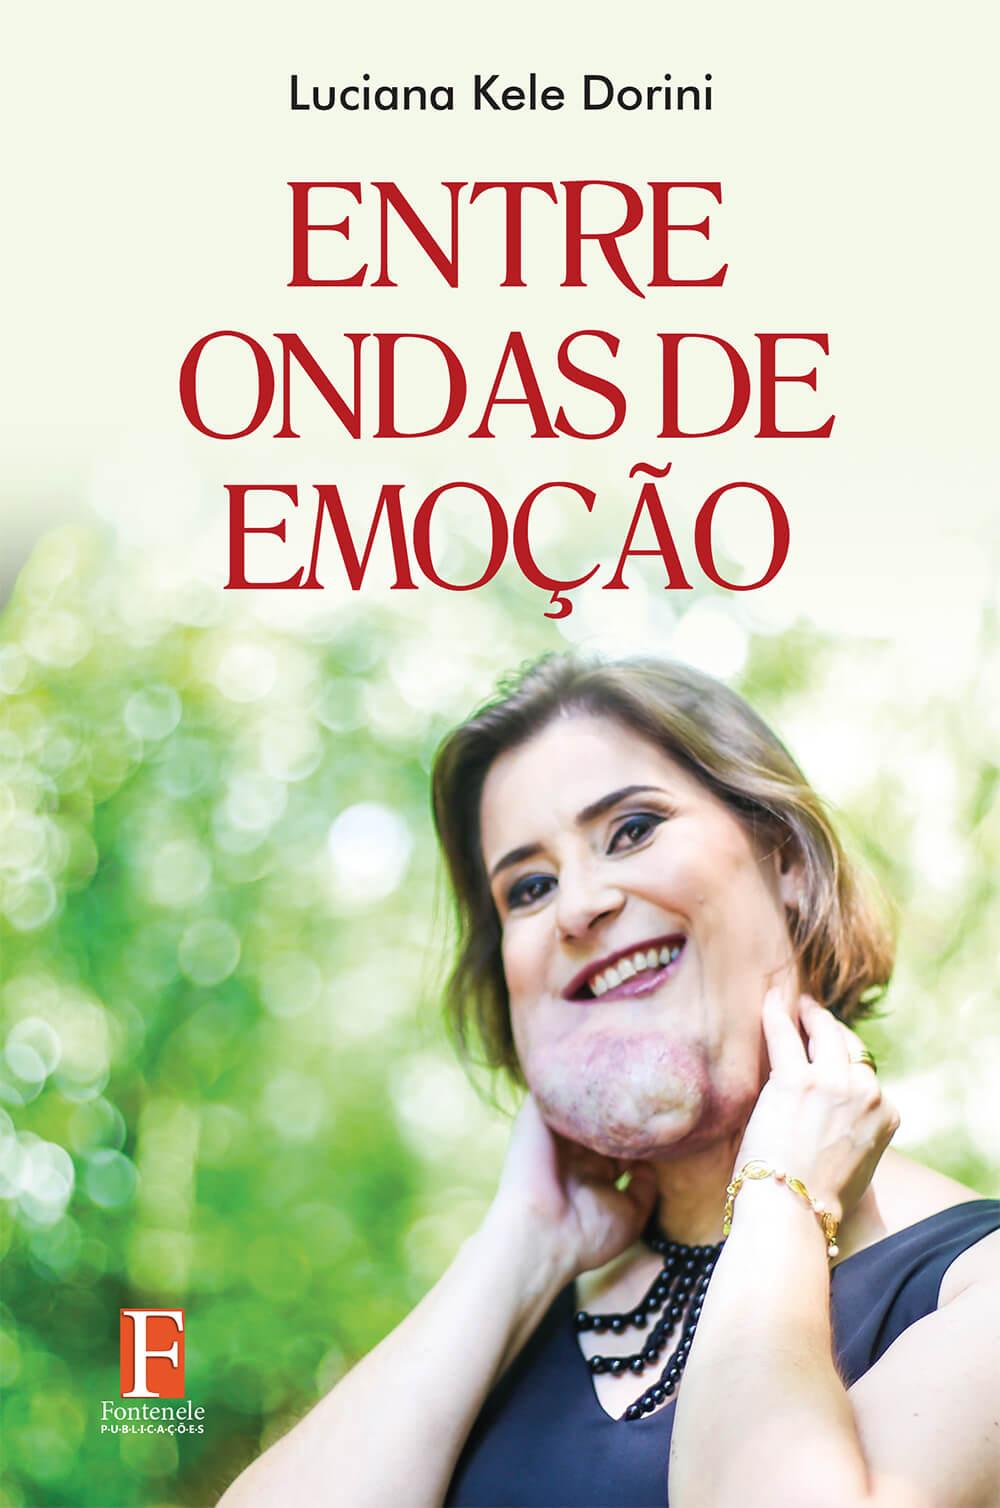 Fontenele Publicações / 11 95150-3481 / 11  95150-4383 Biografia - ENTRE ONDAS DE EMOÇÃO